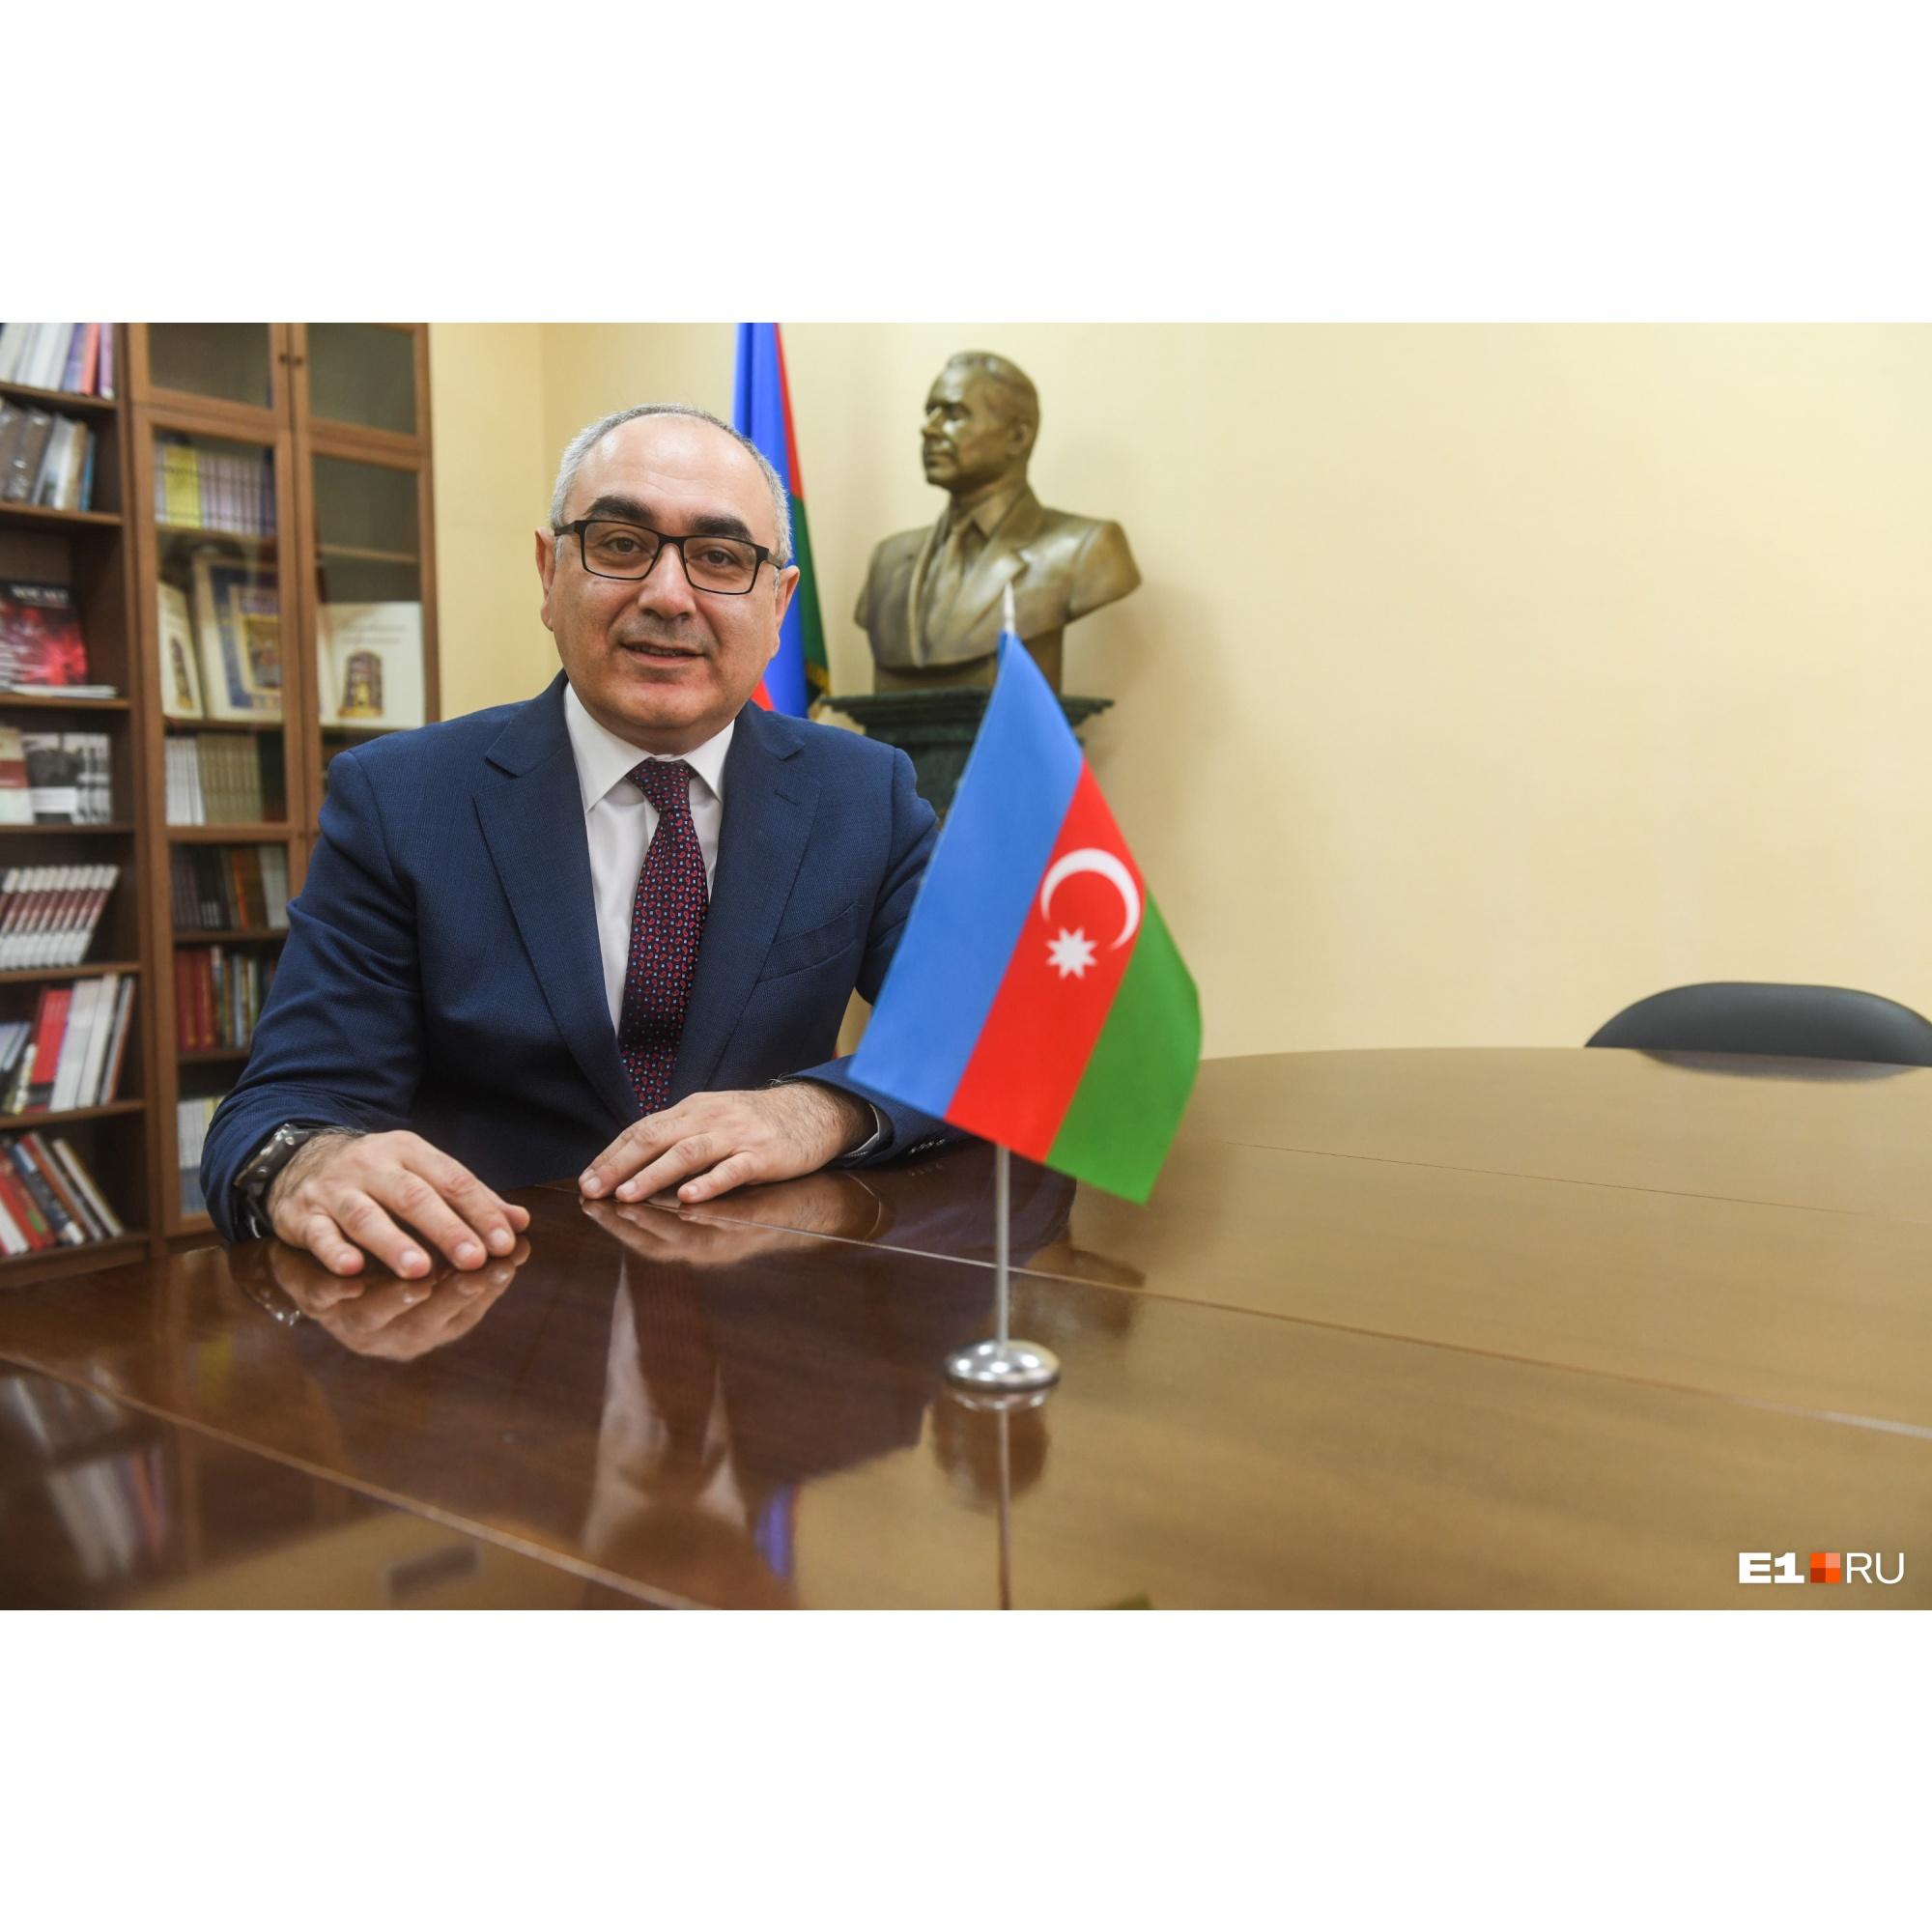 Генеральный консул Азербайджана в Екатеринбурге Ильгар Искендеров